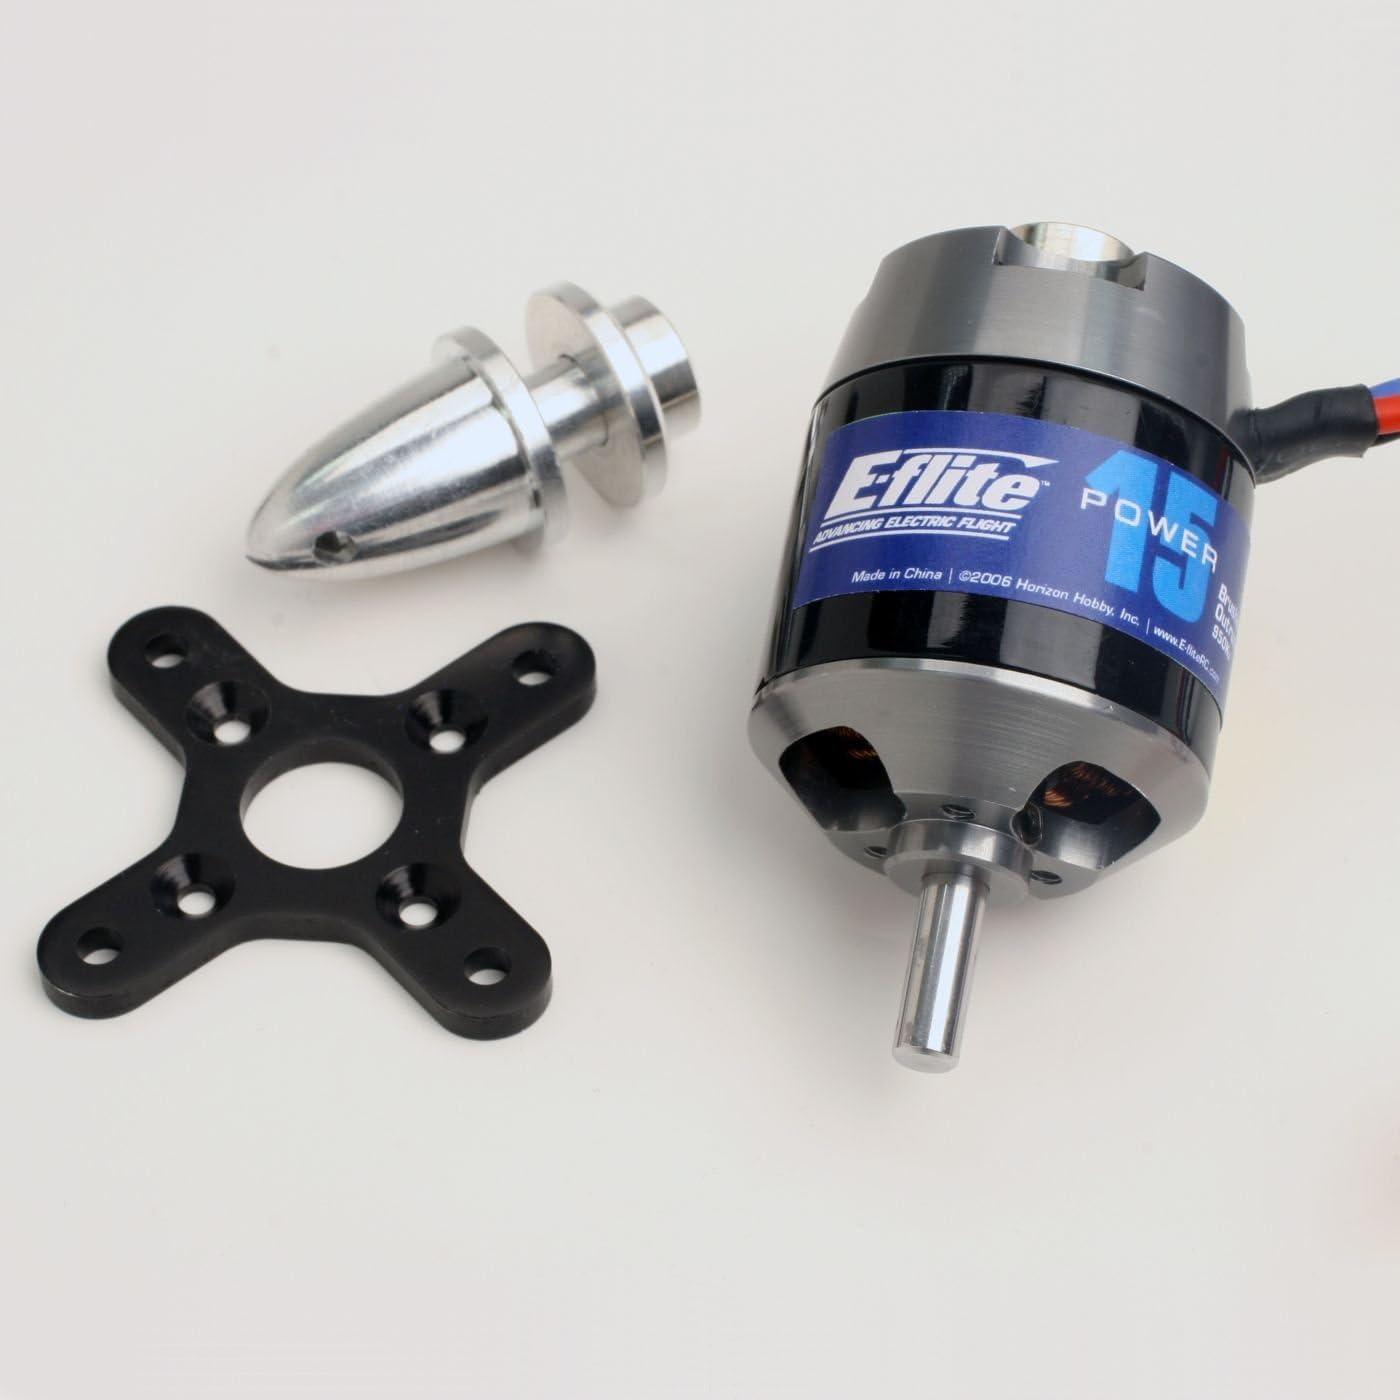 E-flite Power 15 Brushless Outrunner Motor, 950Kv: 3.5mm Bullet, EFLM4015A 61zDcDo10xL